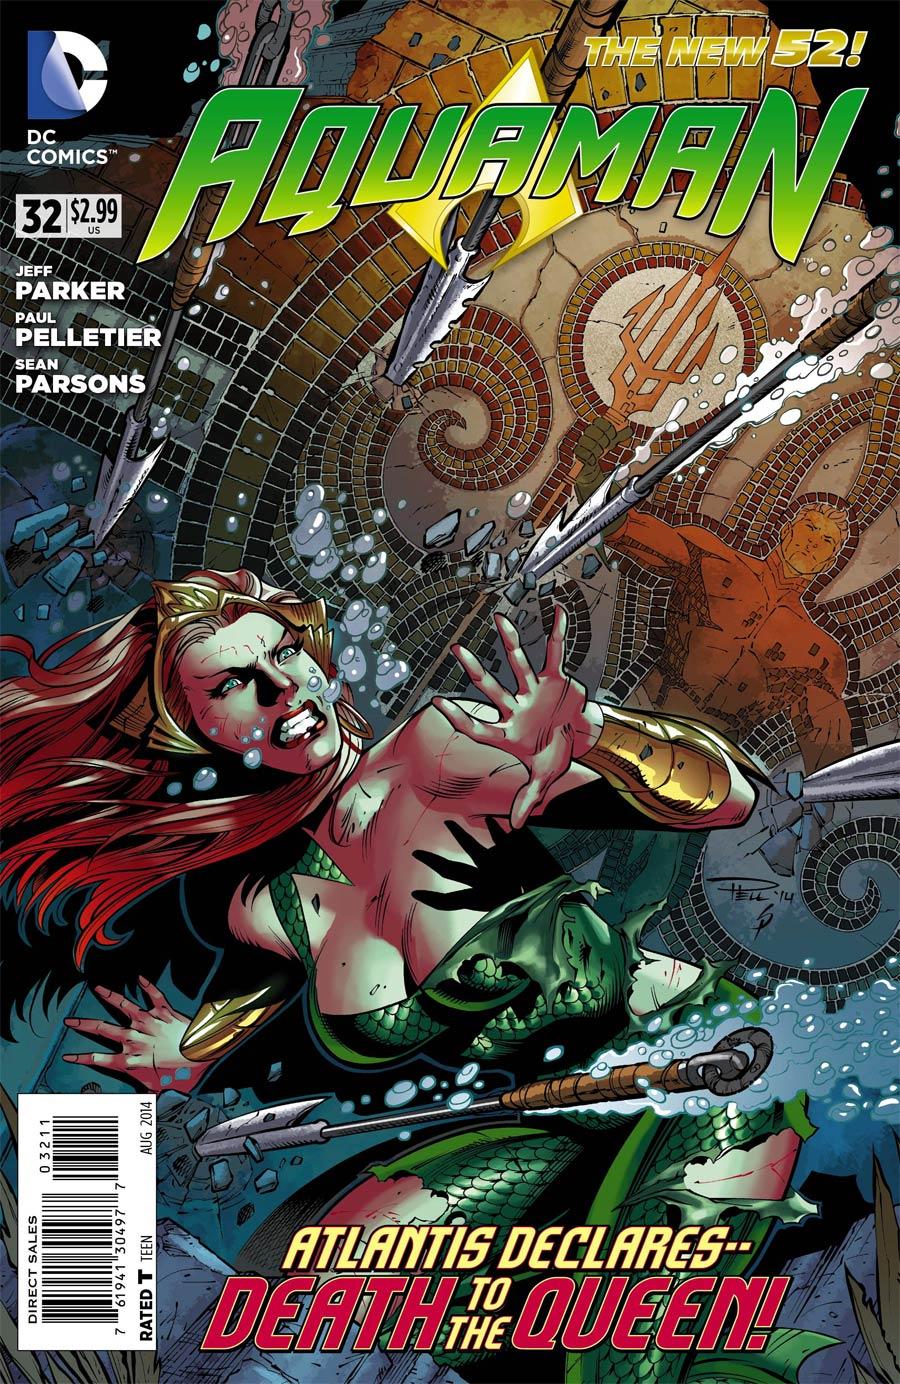 Aquaman Vol 5 #32 Cover A Regular Paul Pelletier Cover